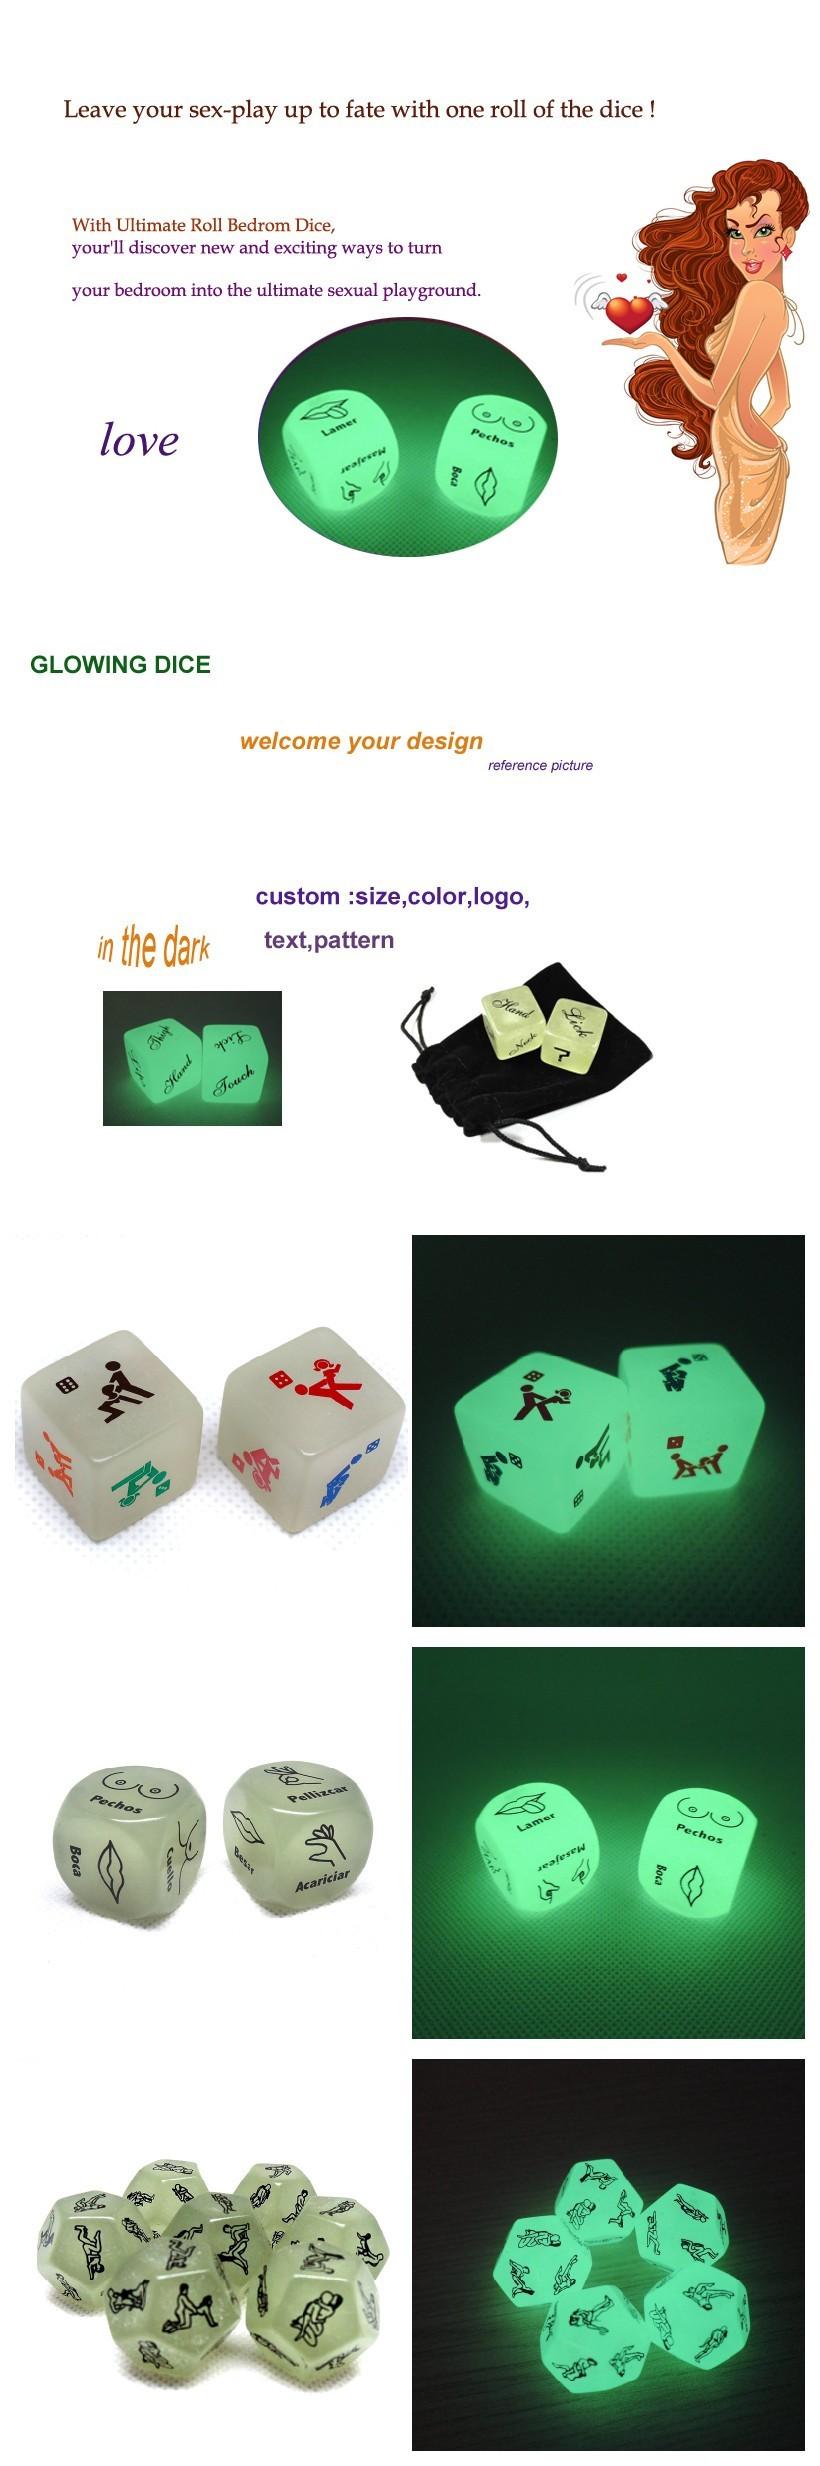 Custom Adult Dice Games Plastic Sex Toys Accessories For Man and Woman. Custom Adult Dice Games Plastic Sex Toys Accessories For Man And